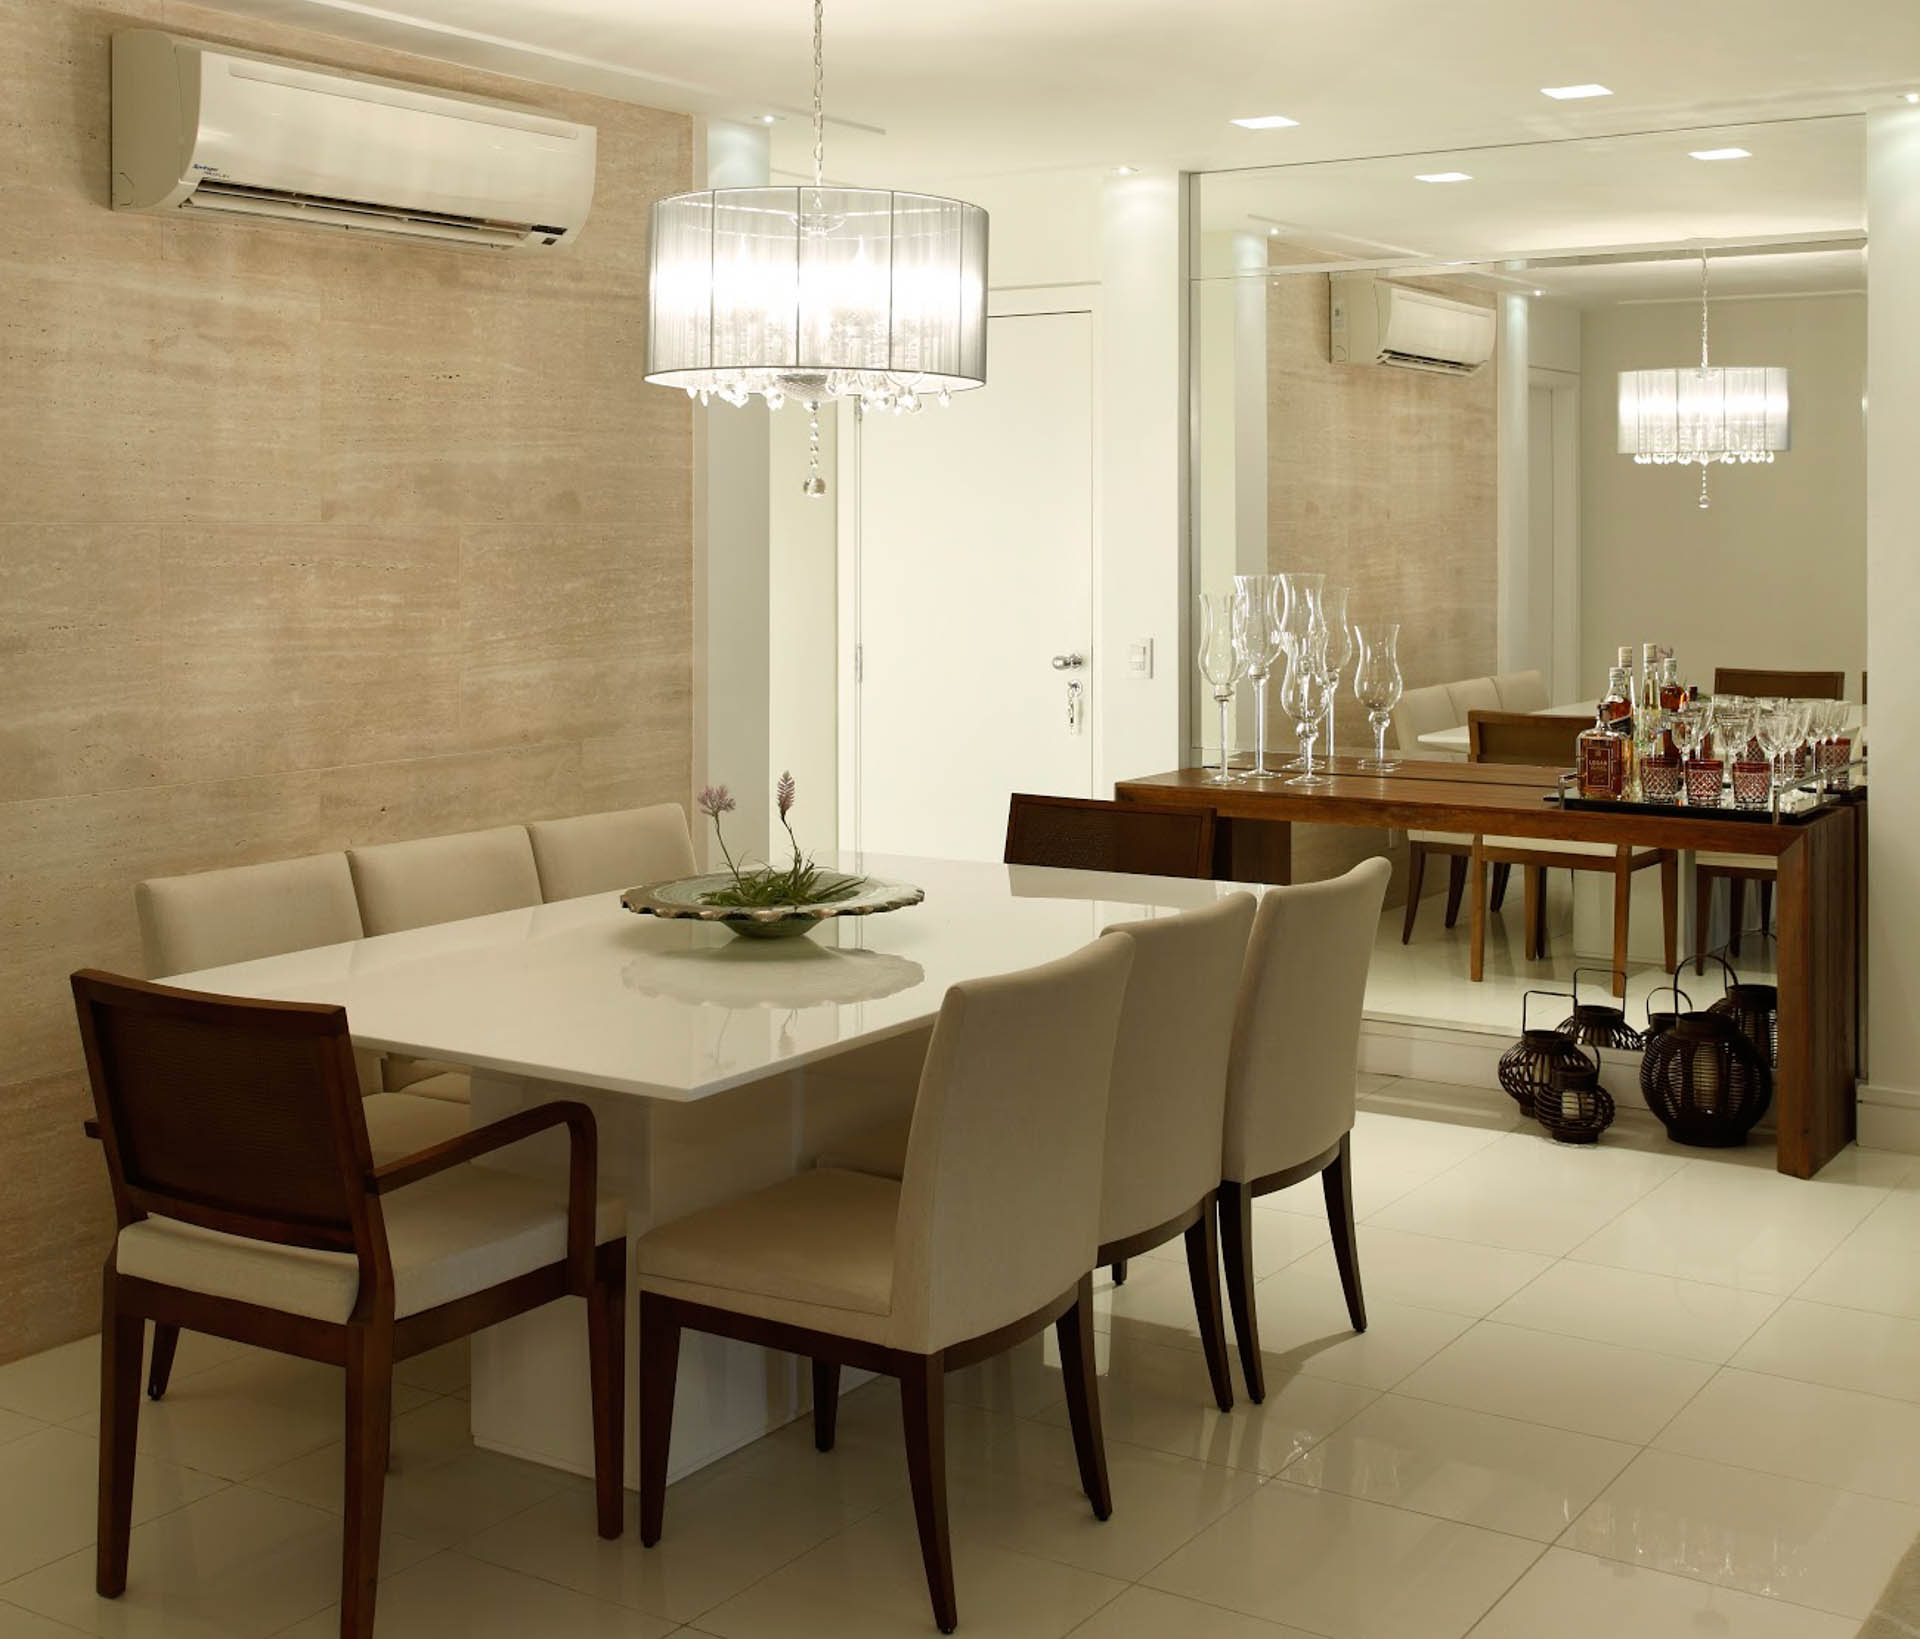 Conheça nossa proposta em salas de jantar na loja de móveis em